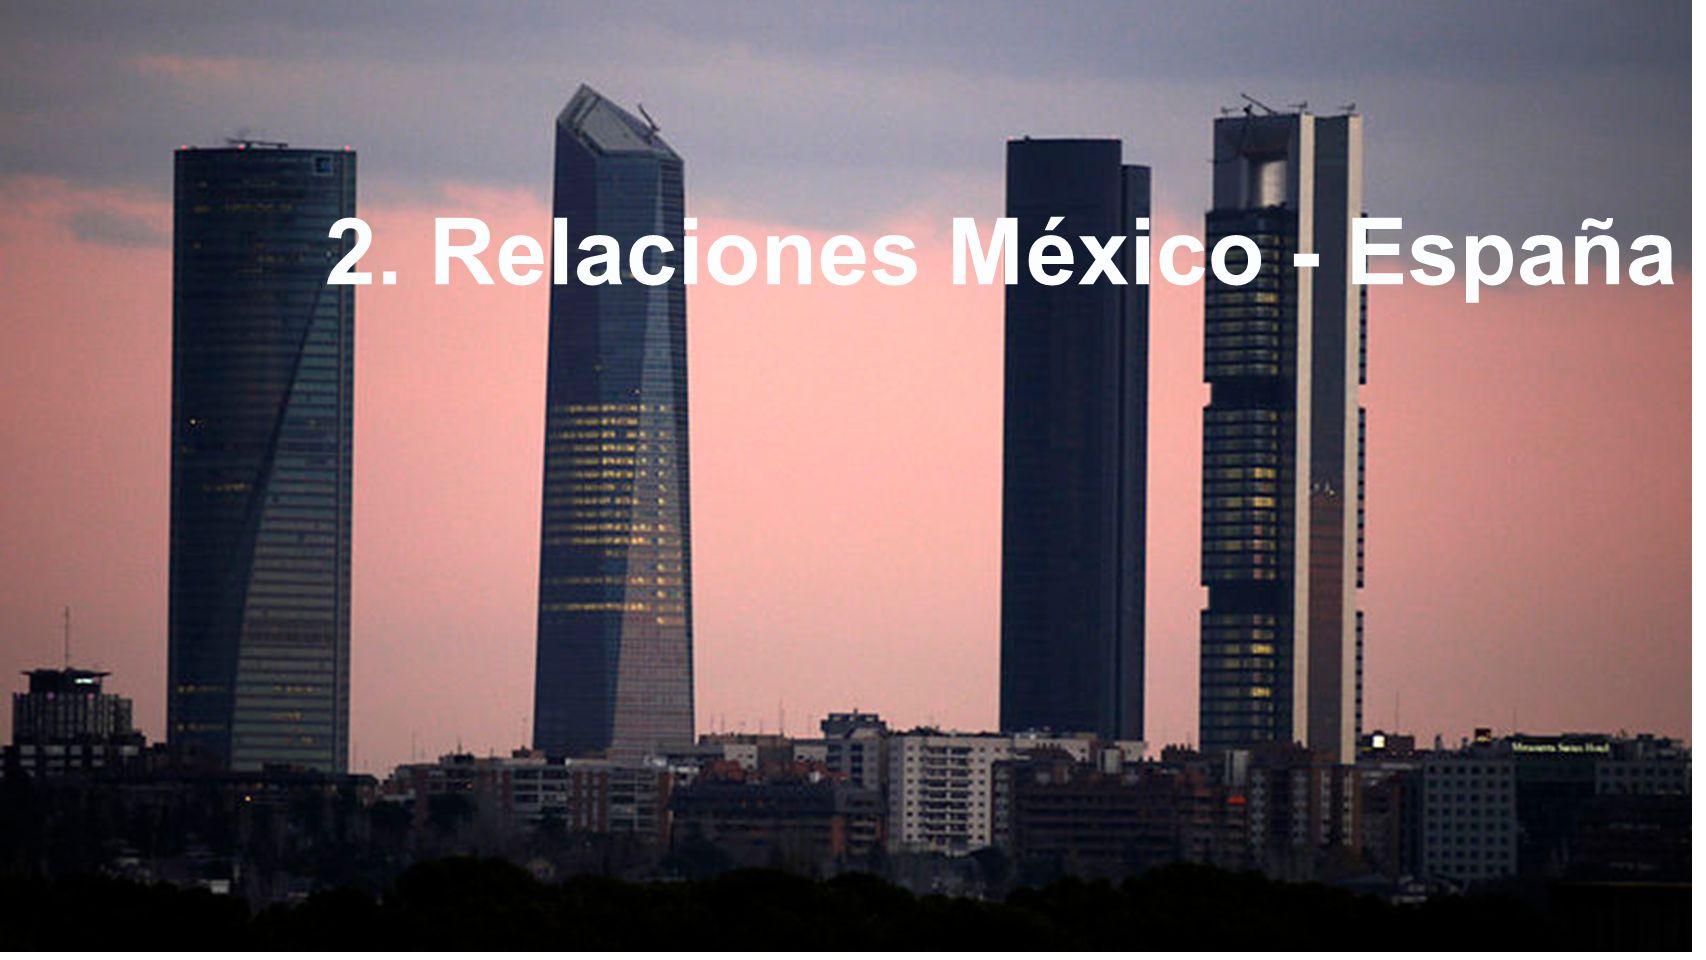 2. México- España 2. Relaciones México - España filosofía 8